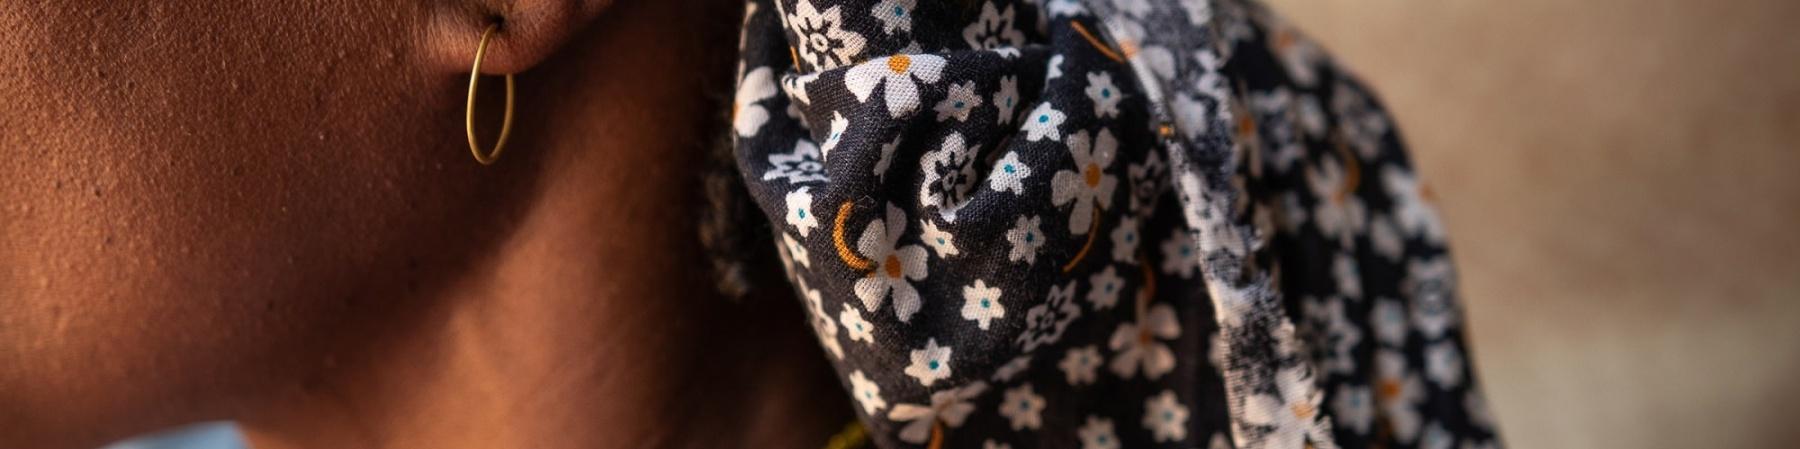 profilo di donna con fascia colorata sul capo, orecchino e collana color ora, indossa una maglietta a righe bianca e nera